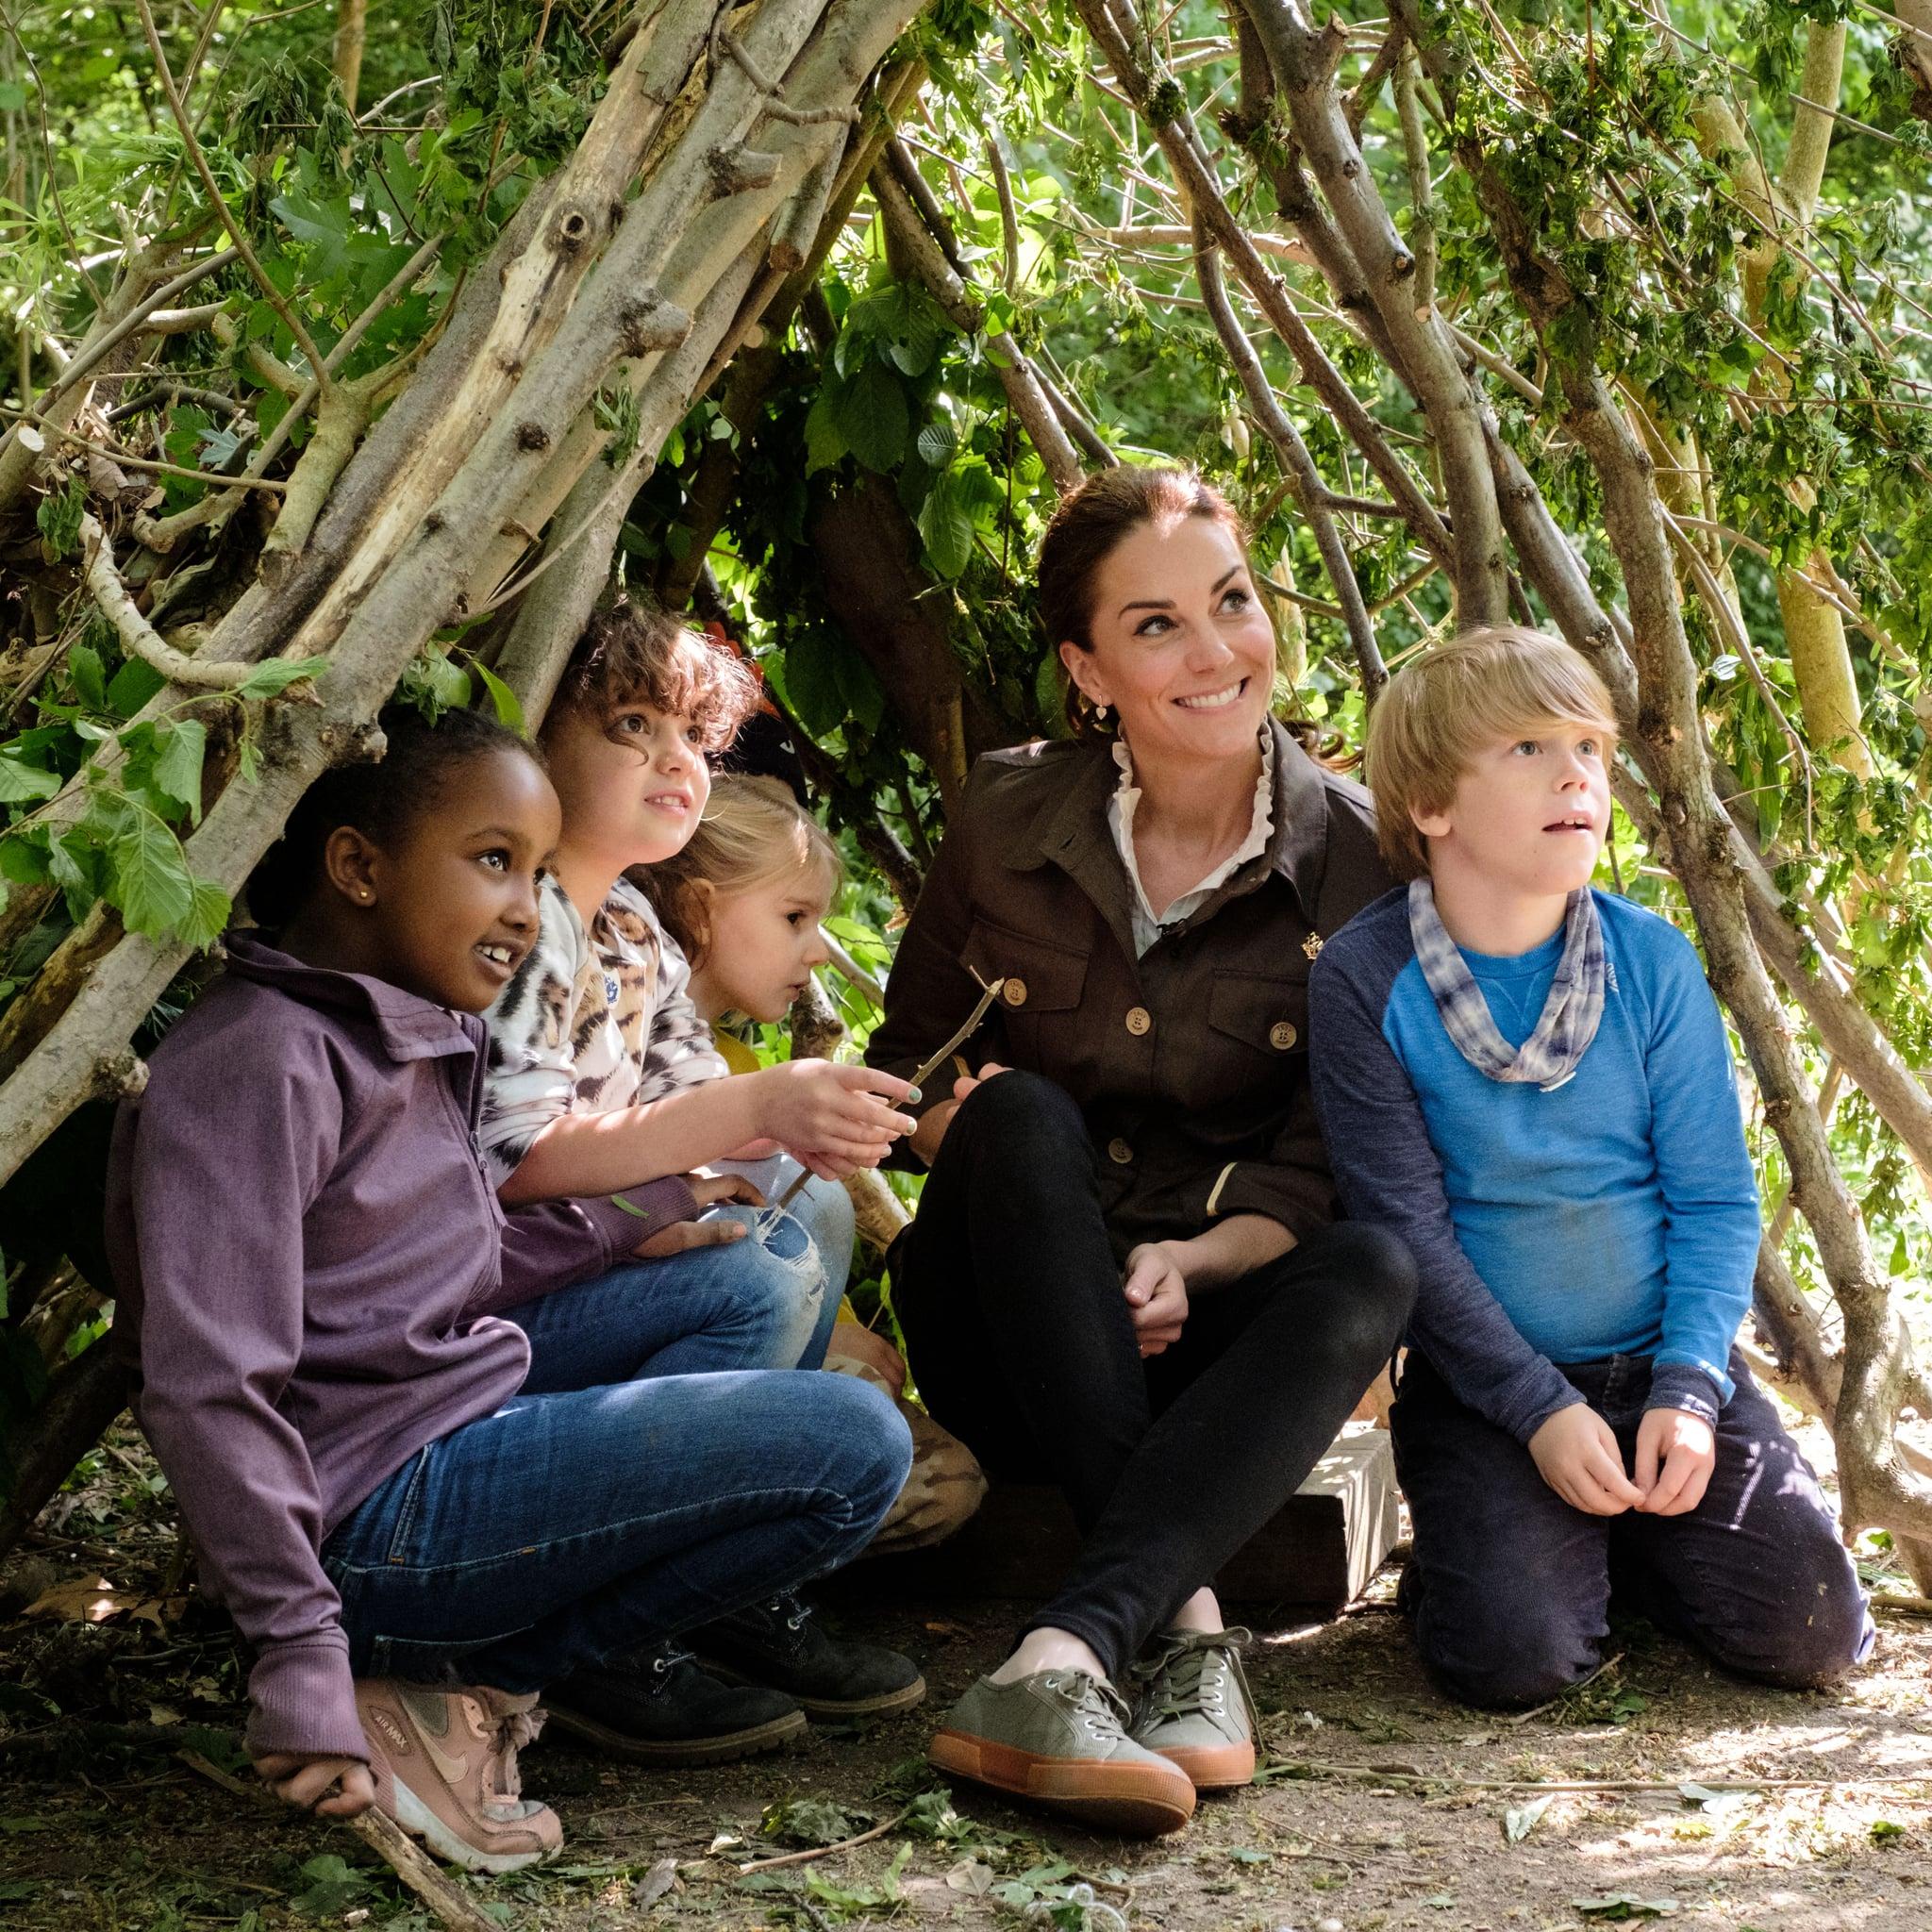 Kate Middleton Appears on Blue Peter June 2019 | POPSUGAR Celebrity UK